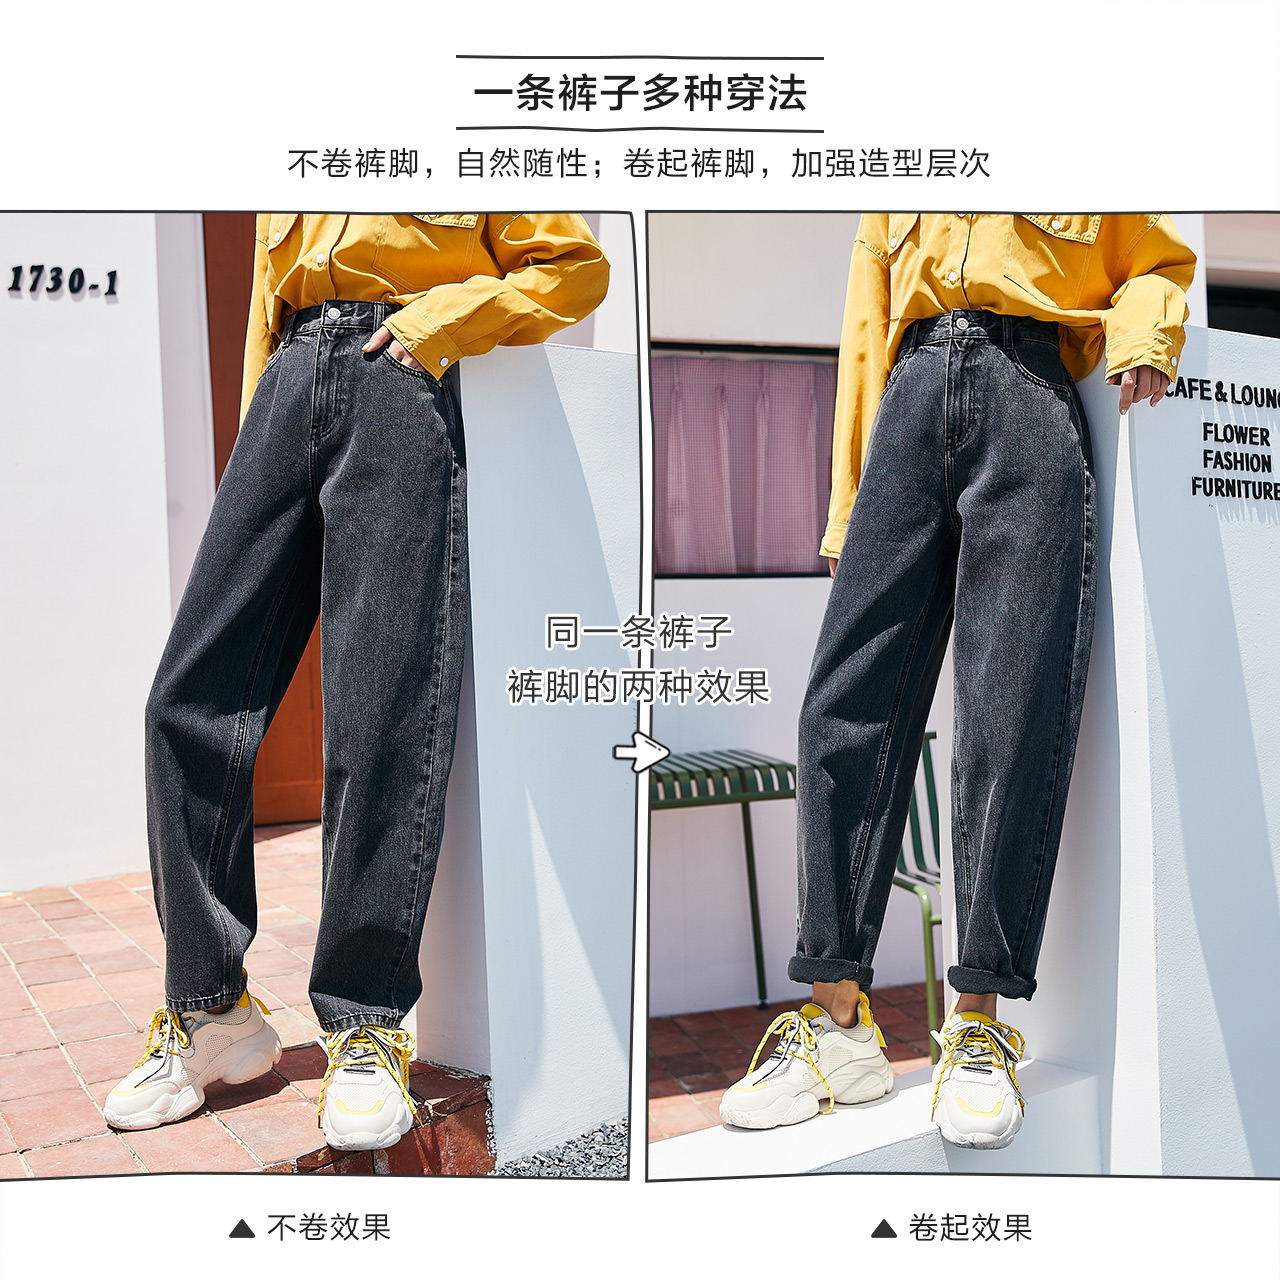 森马牛仔裤女2021春季新款高腰显瘦裤子宽松直筒老爹裤潮黑色长裤